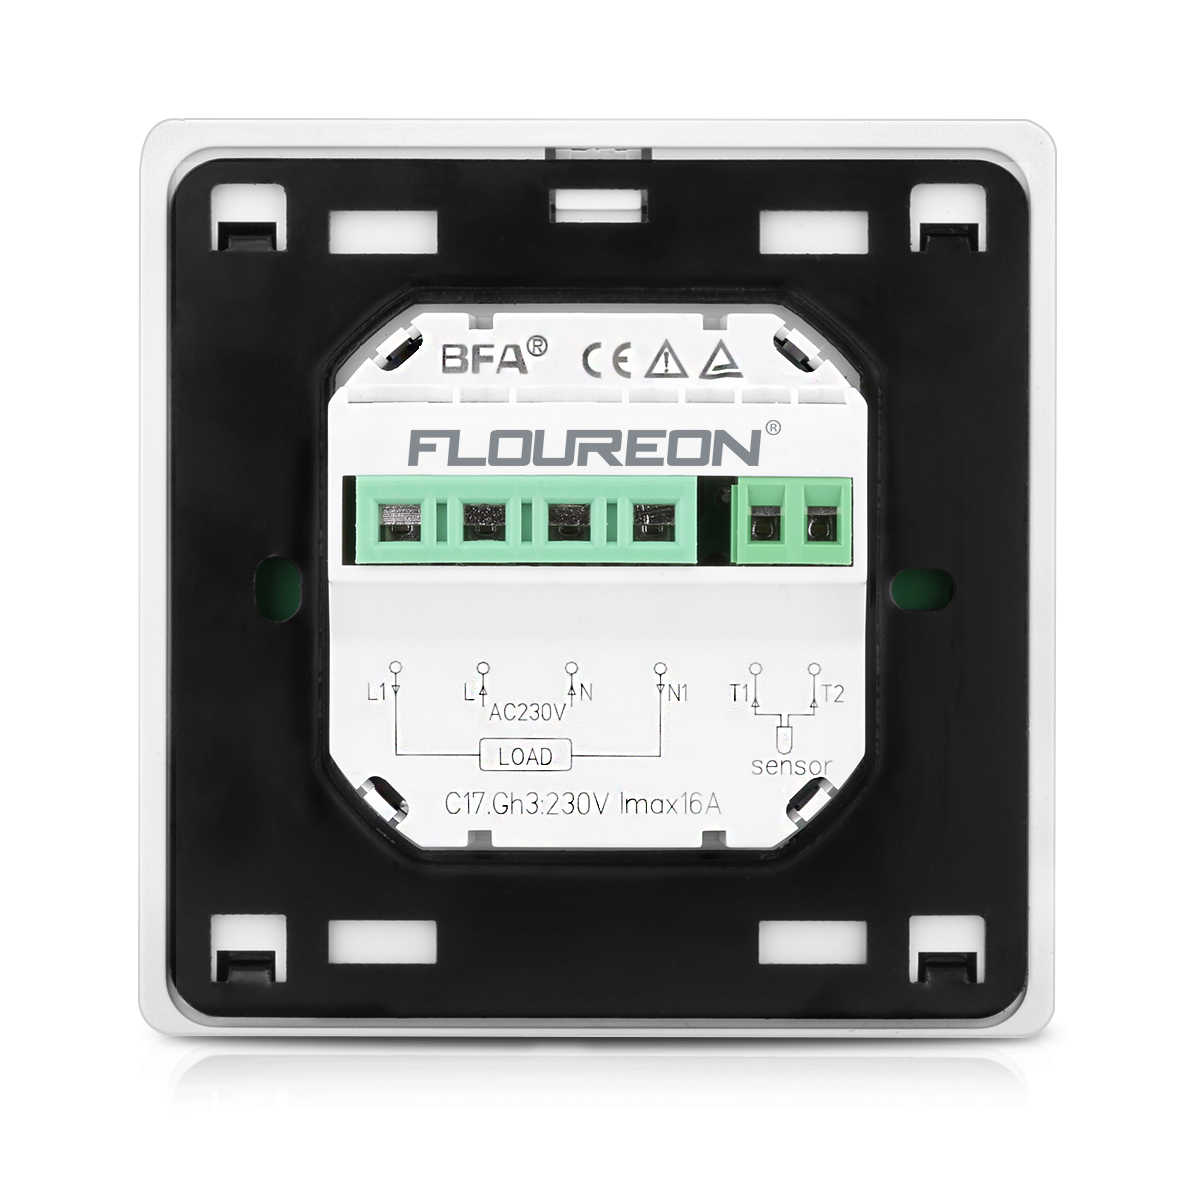 WIFI תרמוסטט LCD מגע מסך טמפרטורת בקר רגולטור תכנות חימום טרמוסטט רצפת חימום חשמלי דוד